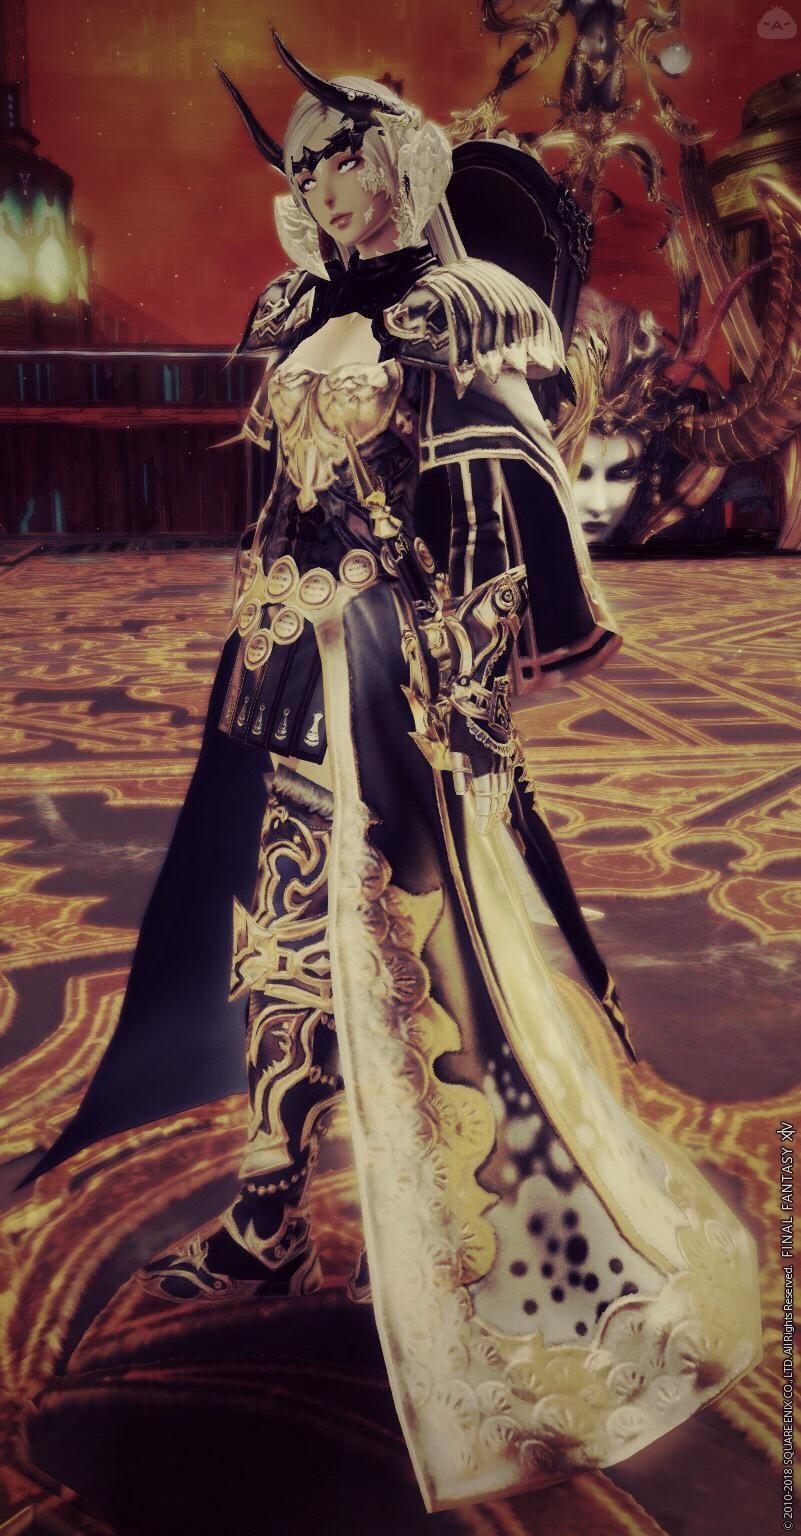 女騎士(黒×金)